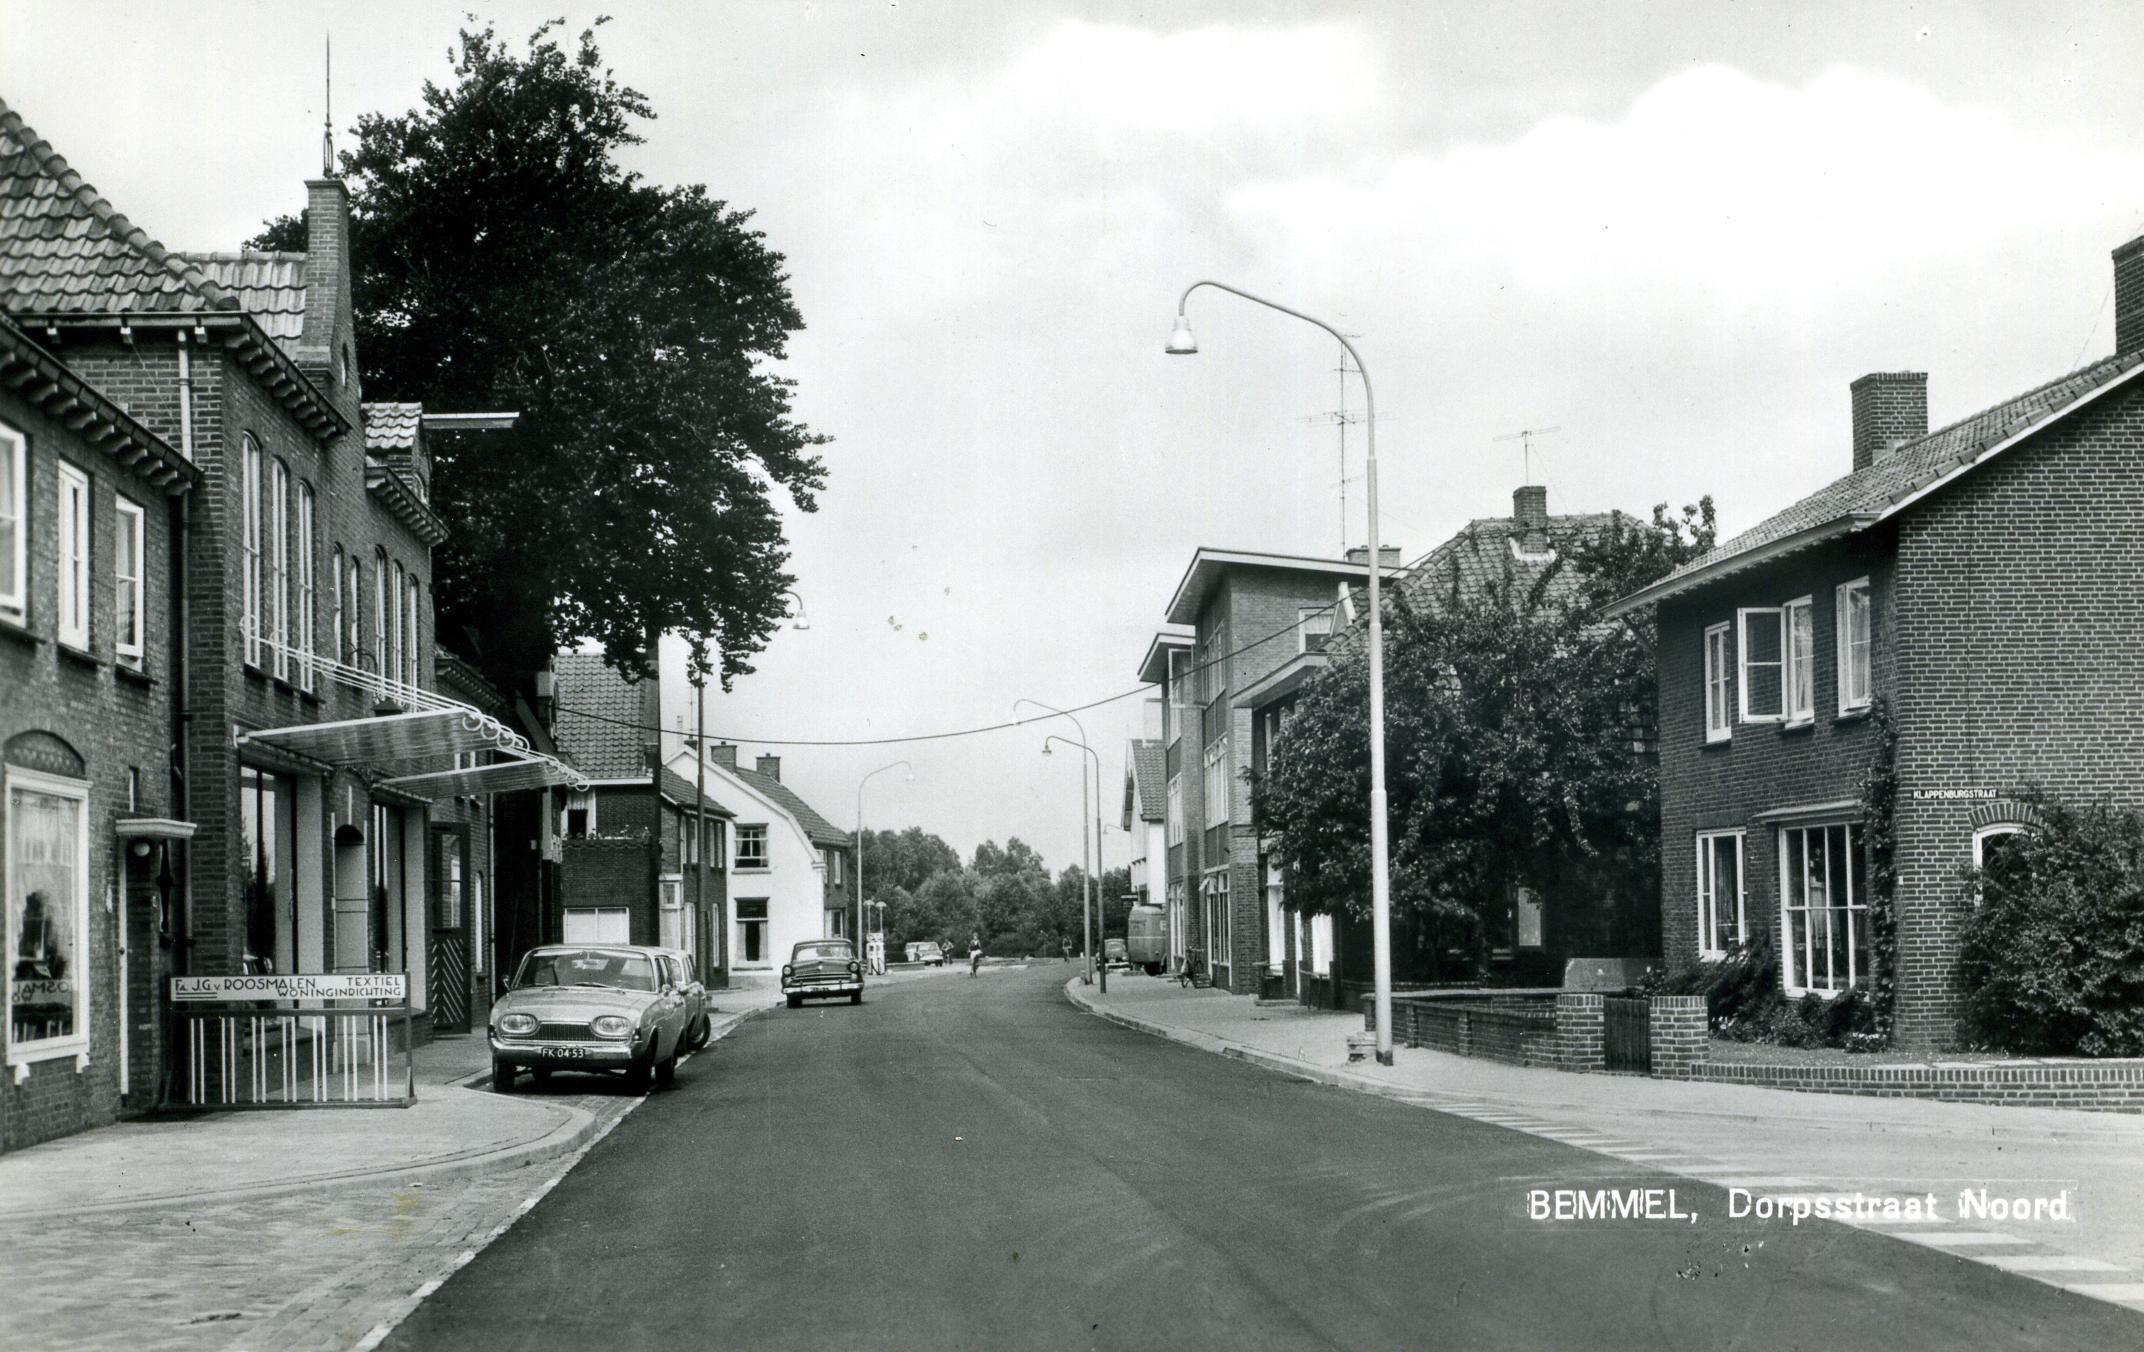 Dorpsstraat-Noord